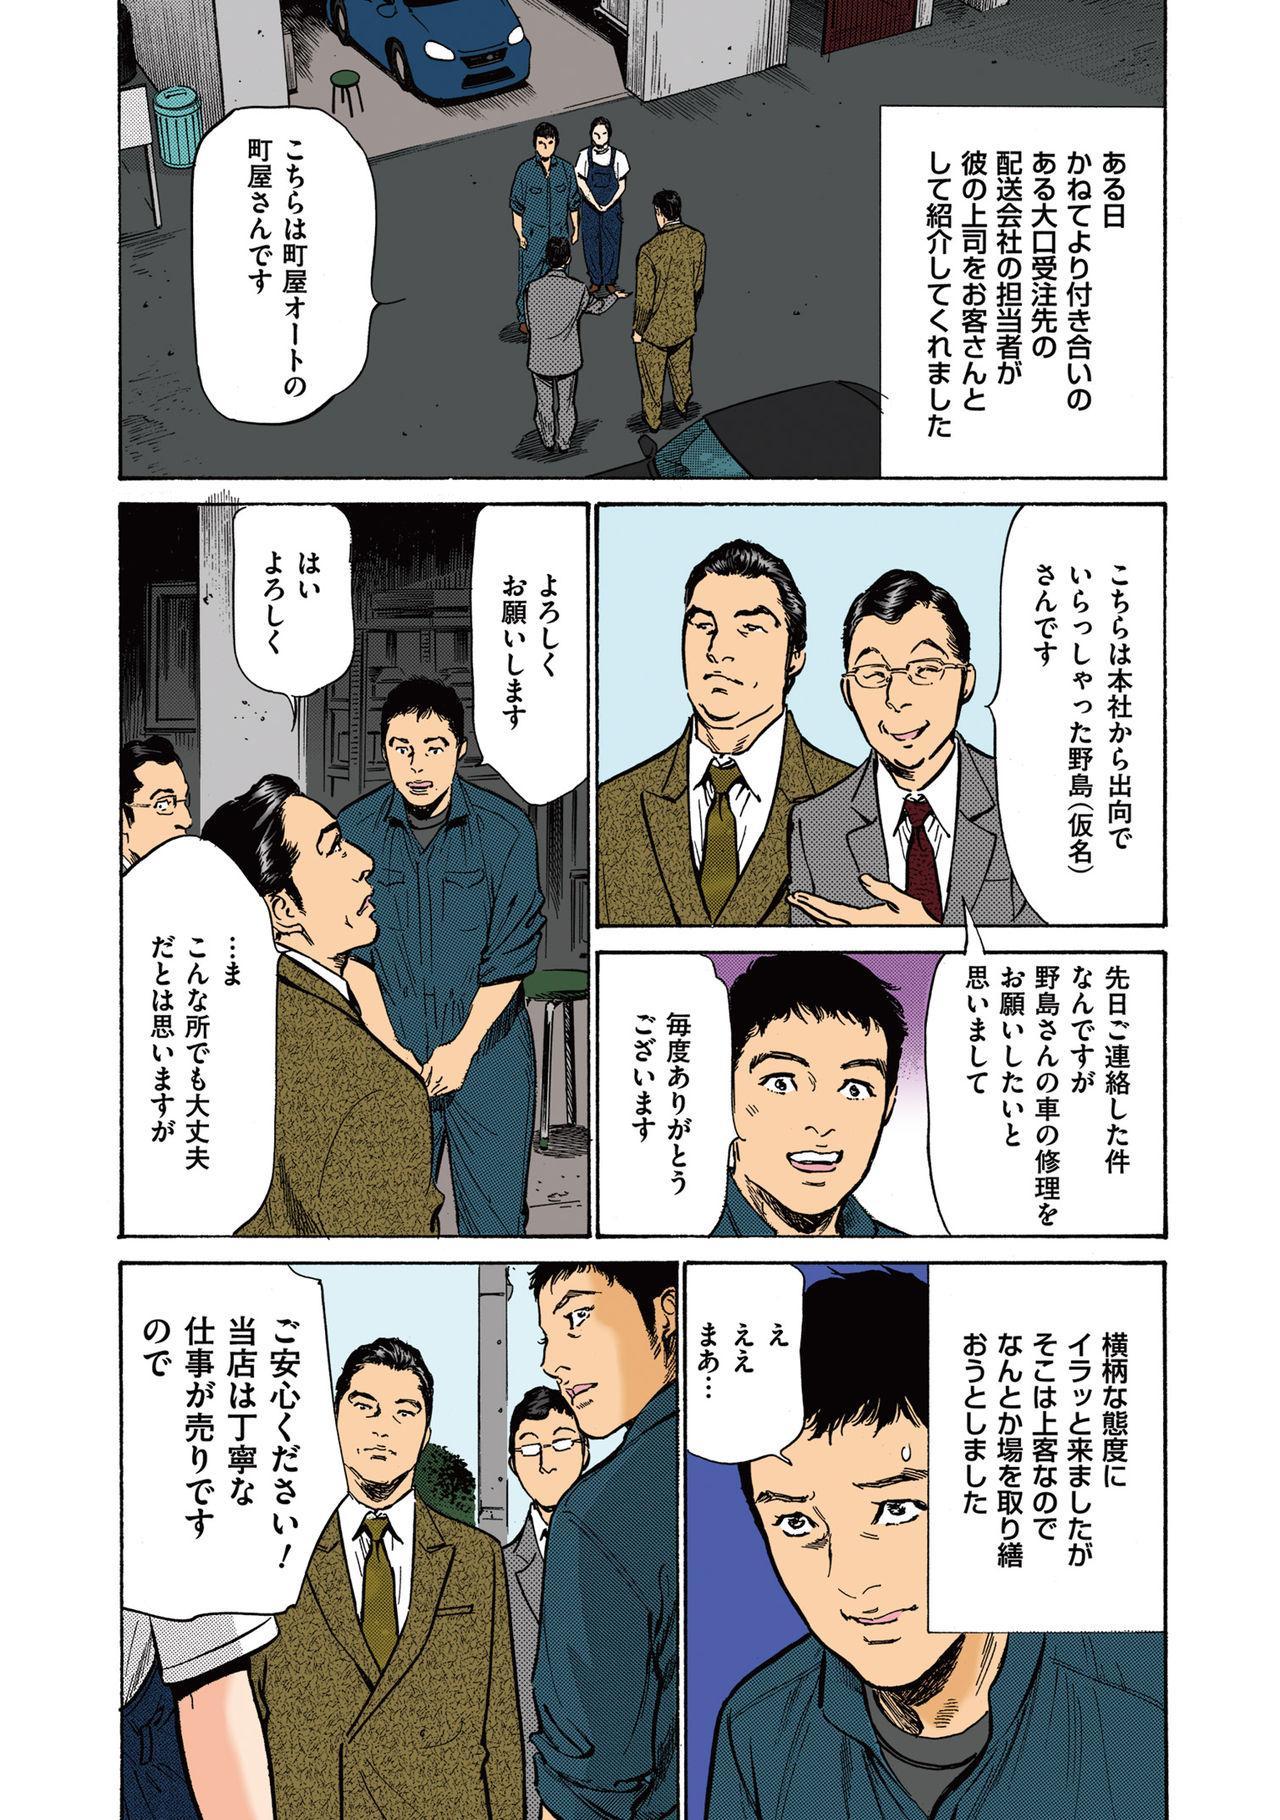 [Hazuki Kaoru] Hazuki Kaoru no Tamaranai Hanashi (Full Color Version) 2-1 70